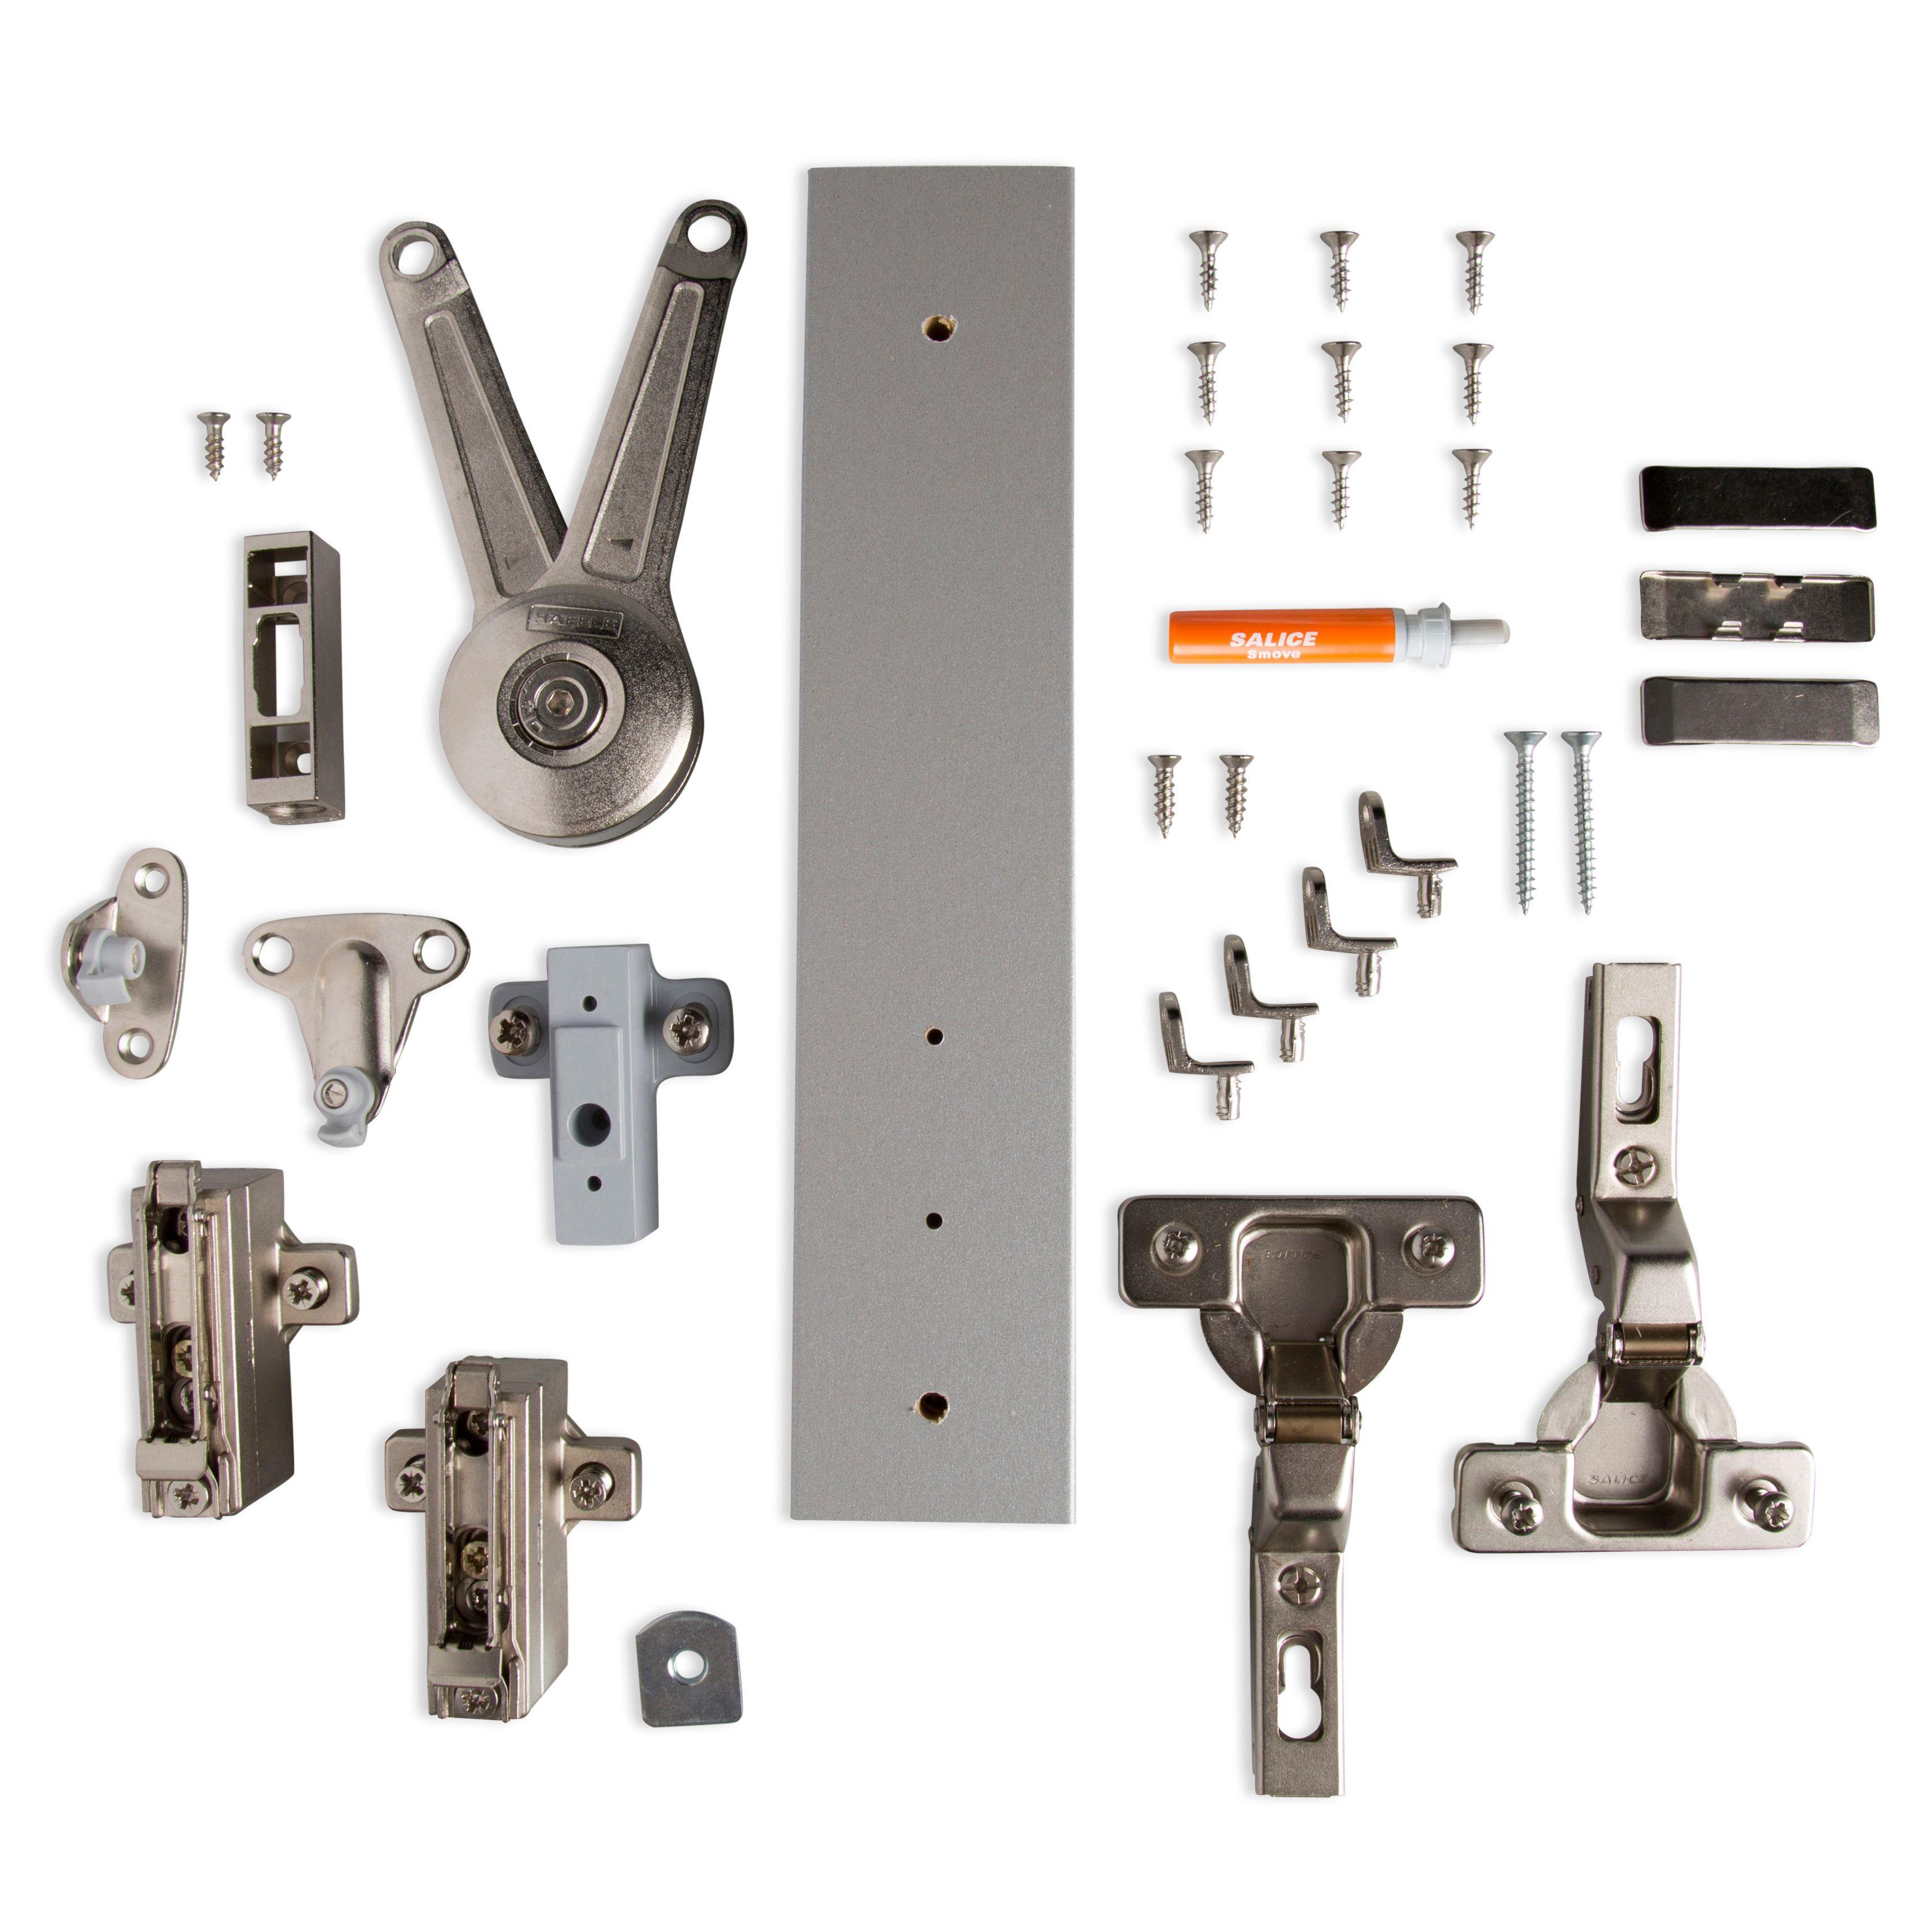 Cooke & Lewis Door Stay Framed 600mm Bridging Cabinet Hinge Pack